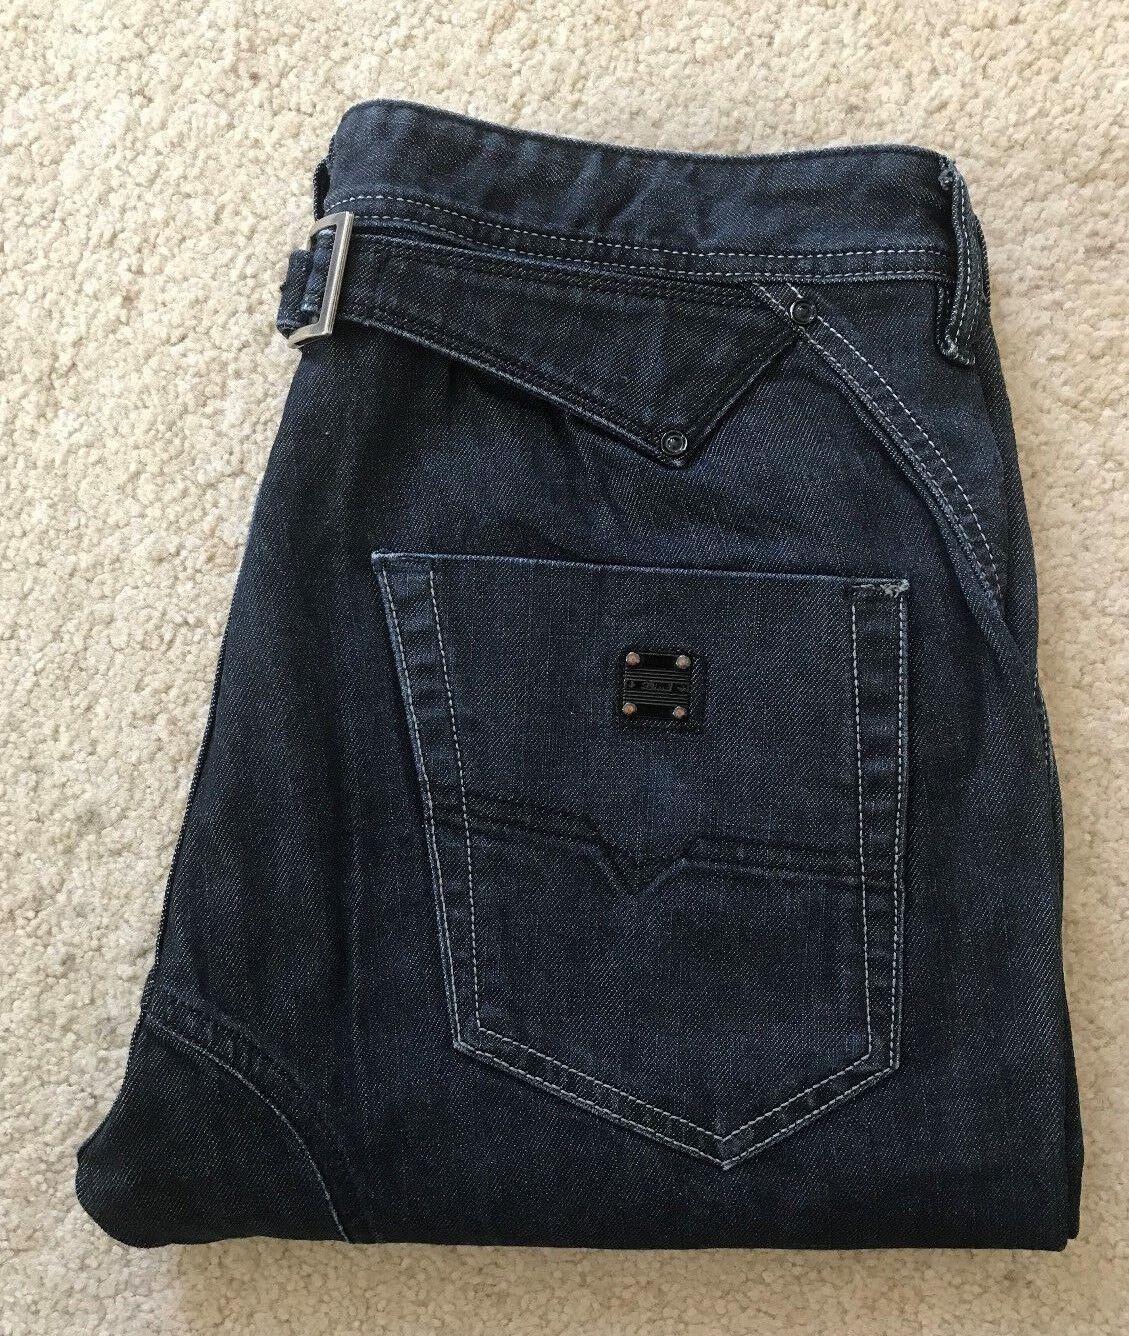 Mens Diesel Pheyo 0088Z indigo Blau comfort fit straight denim jeans W 30 L 30    Ausgang    Haltbar    Zu einem erschwinglichen Preis